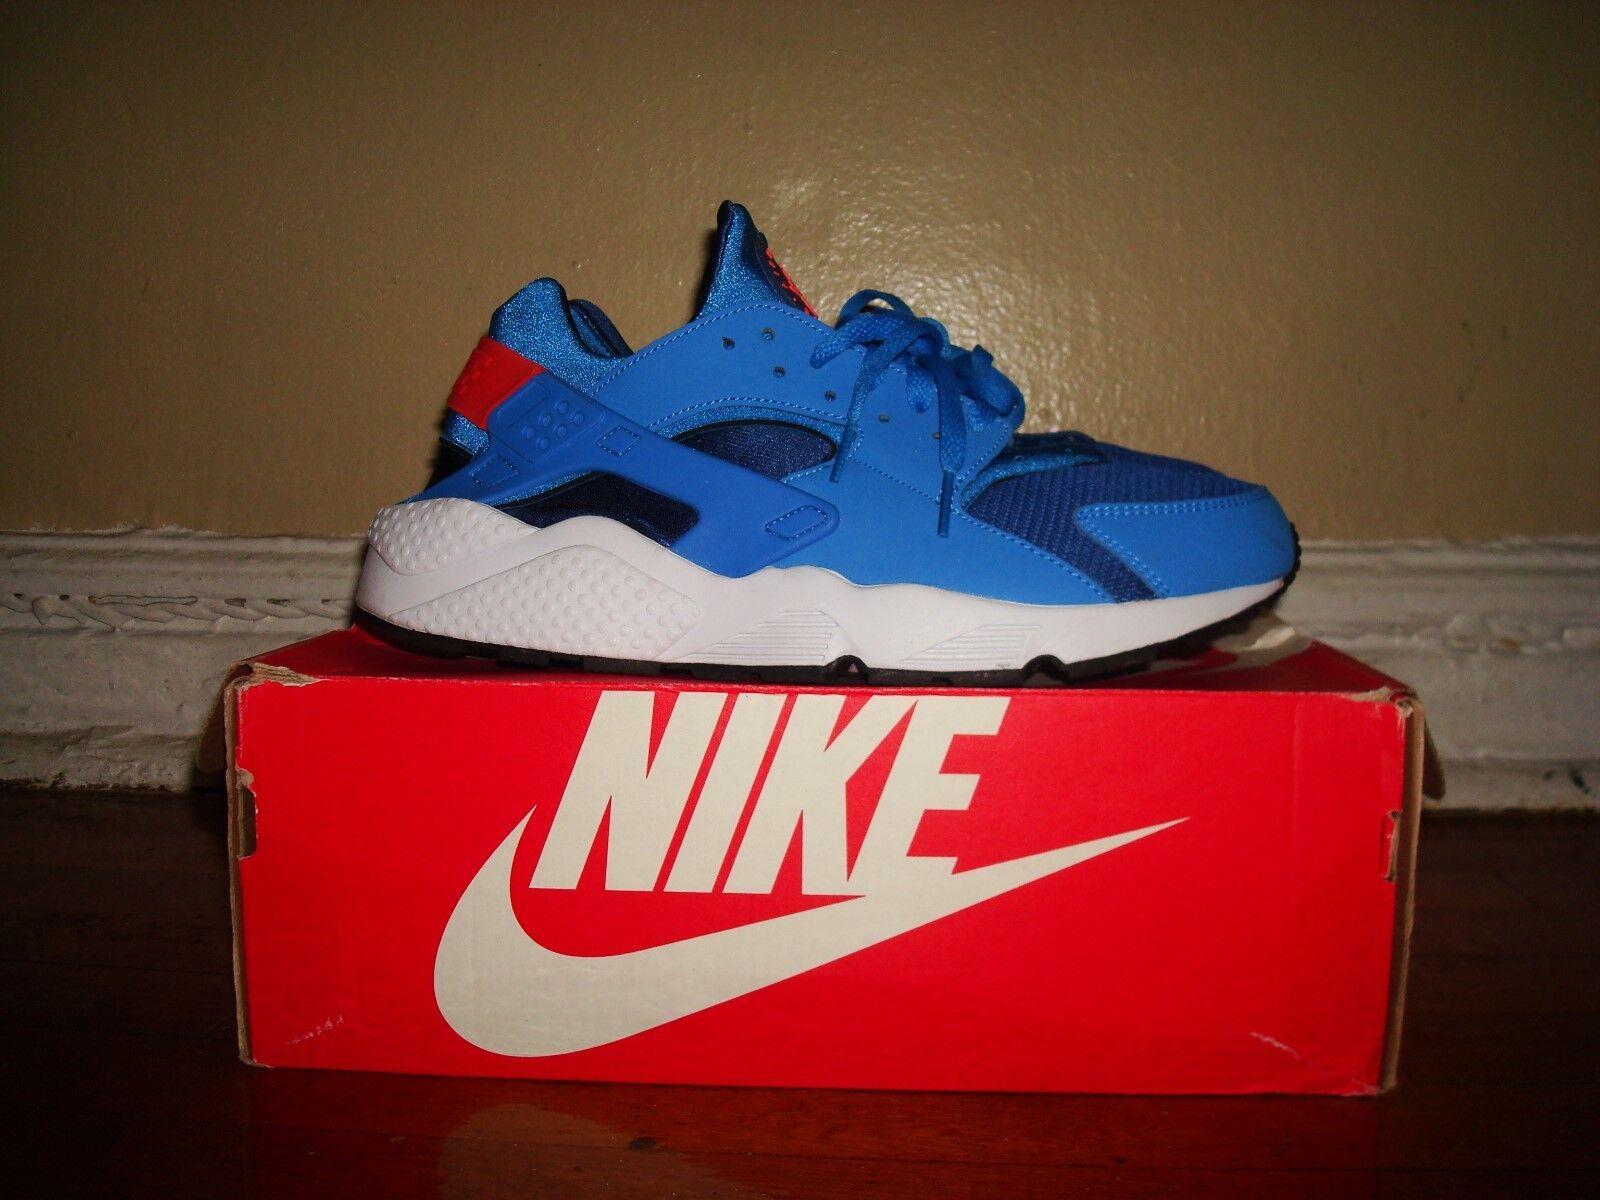 Nike air huarache scarpe / 11.5/ noi 11.5/ / foto blu / 318429 402 e56545